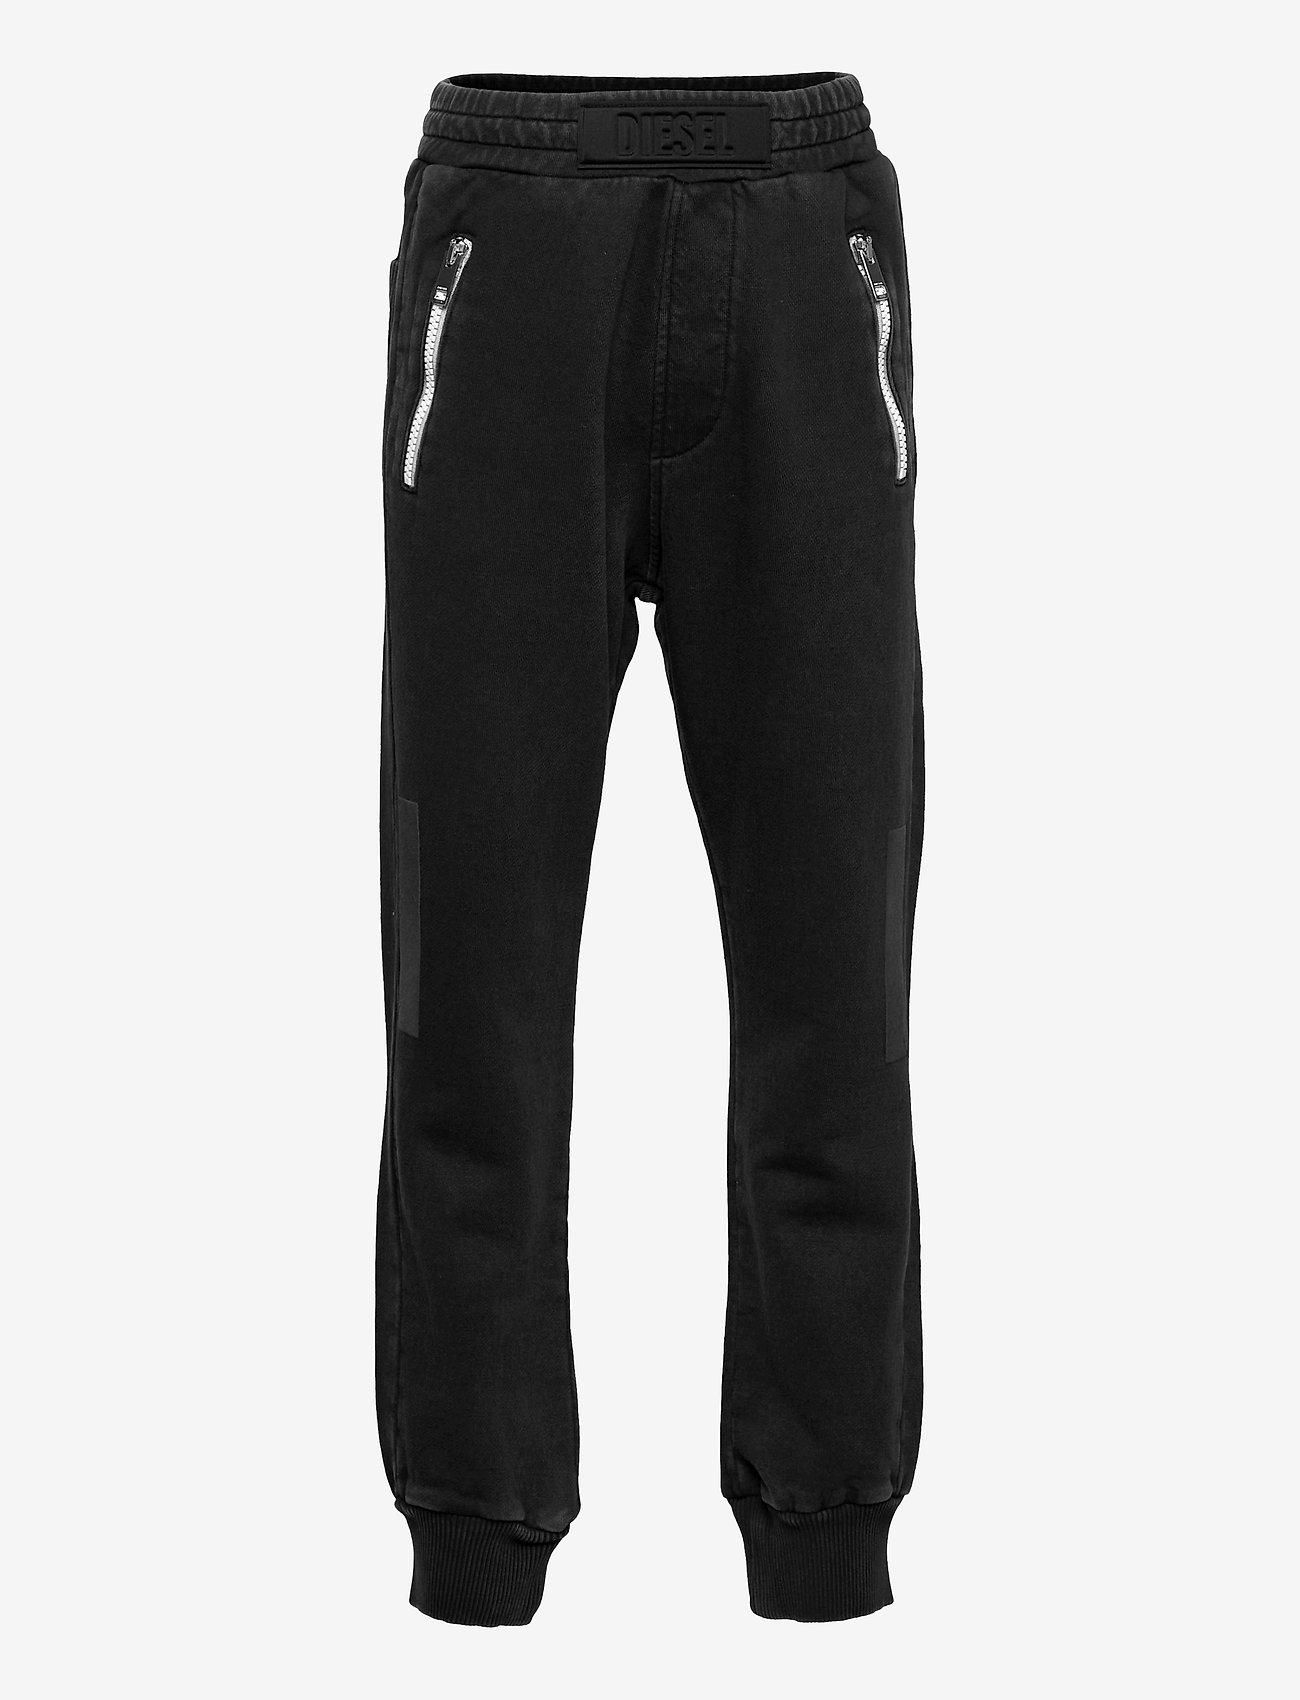 Diesel - PTA TROUSERS - trousers - nero - 0